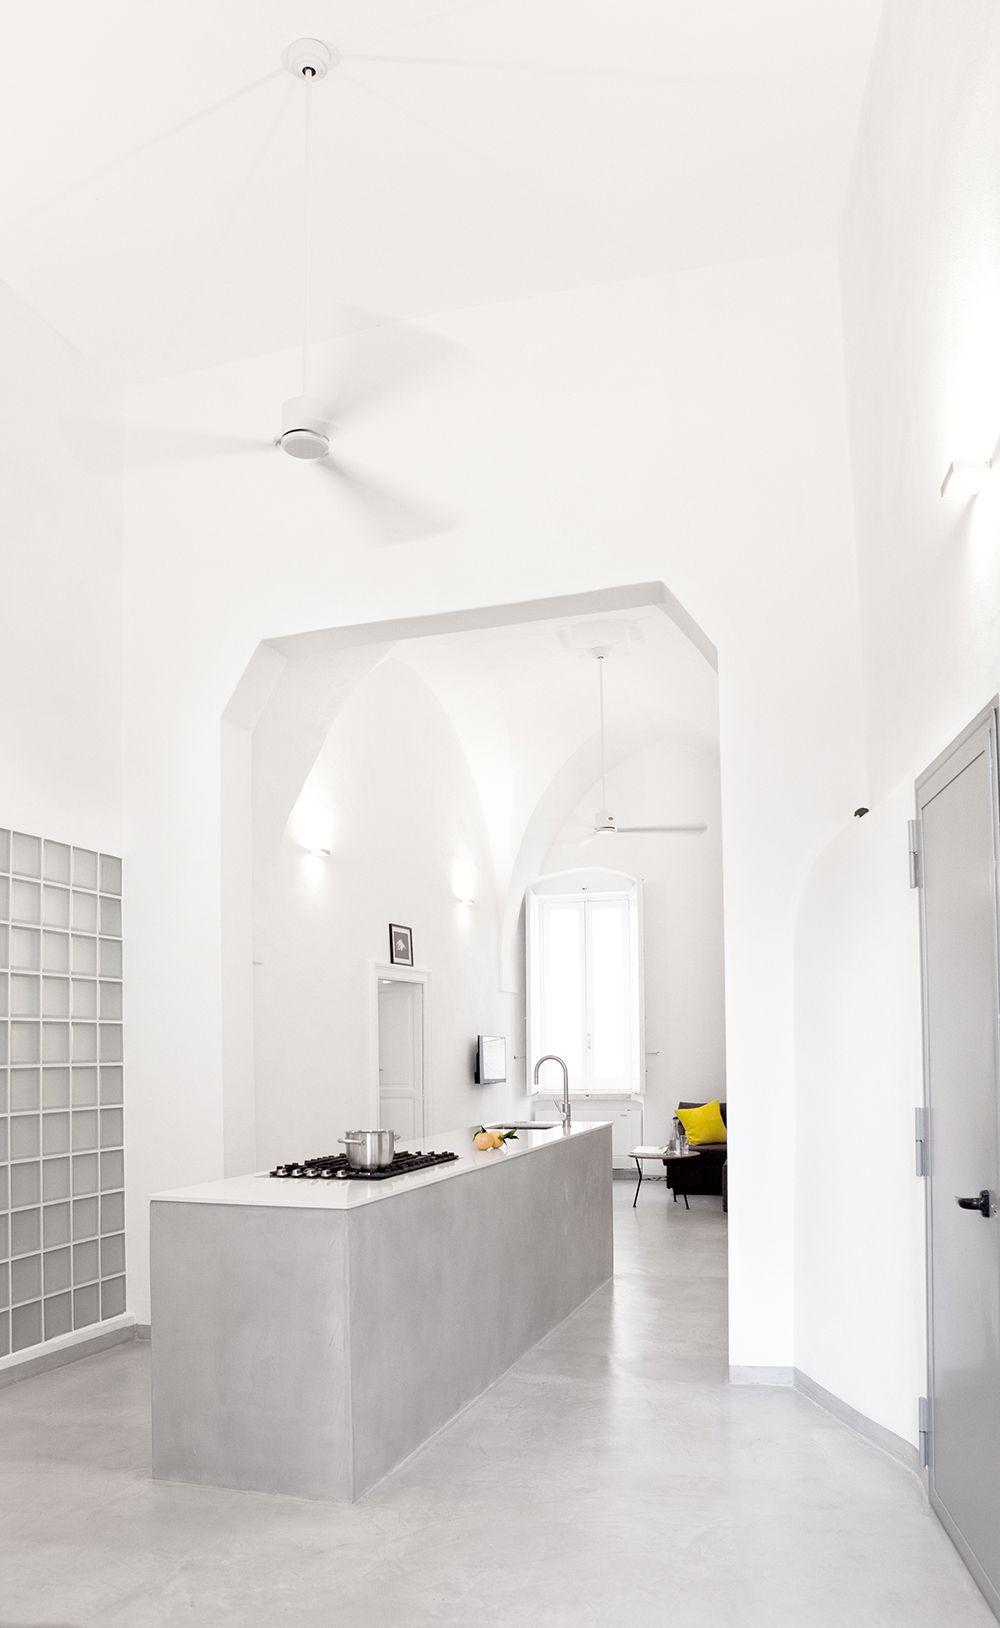 Fein Koch Testküche Fotos - Küchen Ideen Modern - thelostwaysreview.info